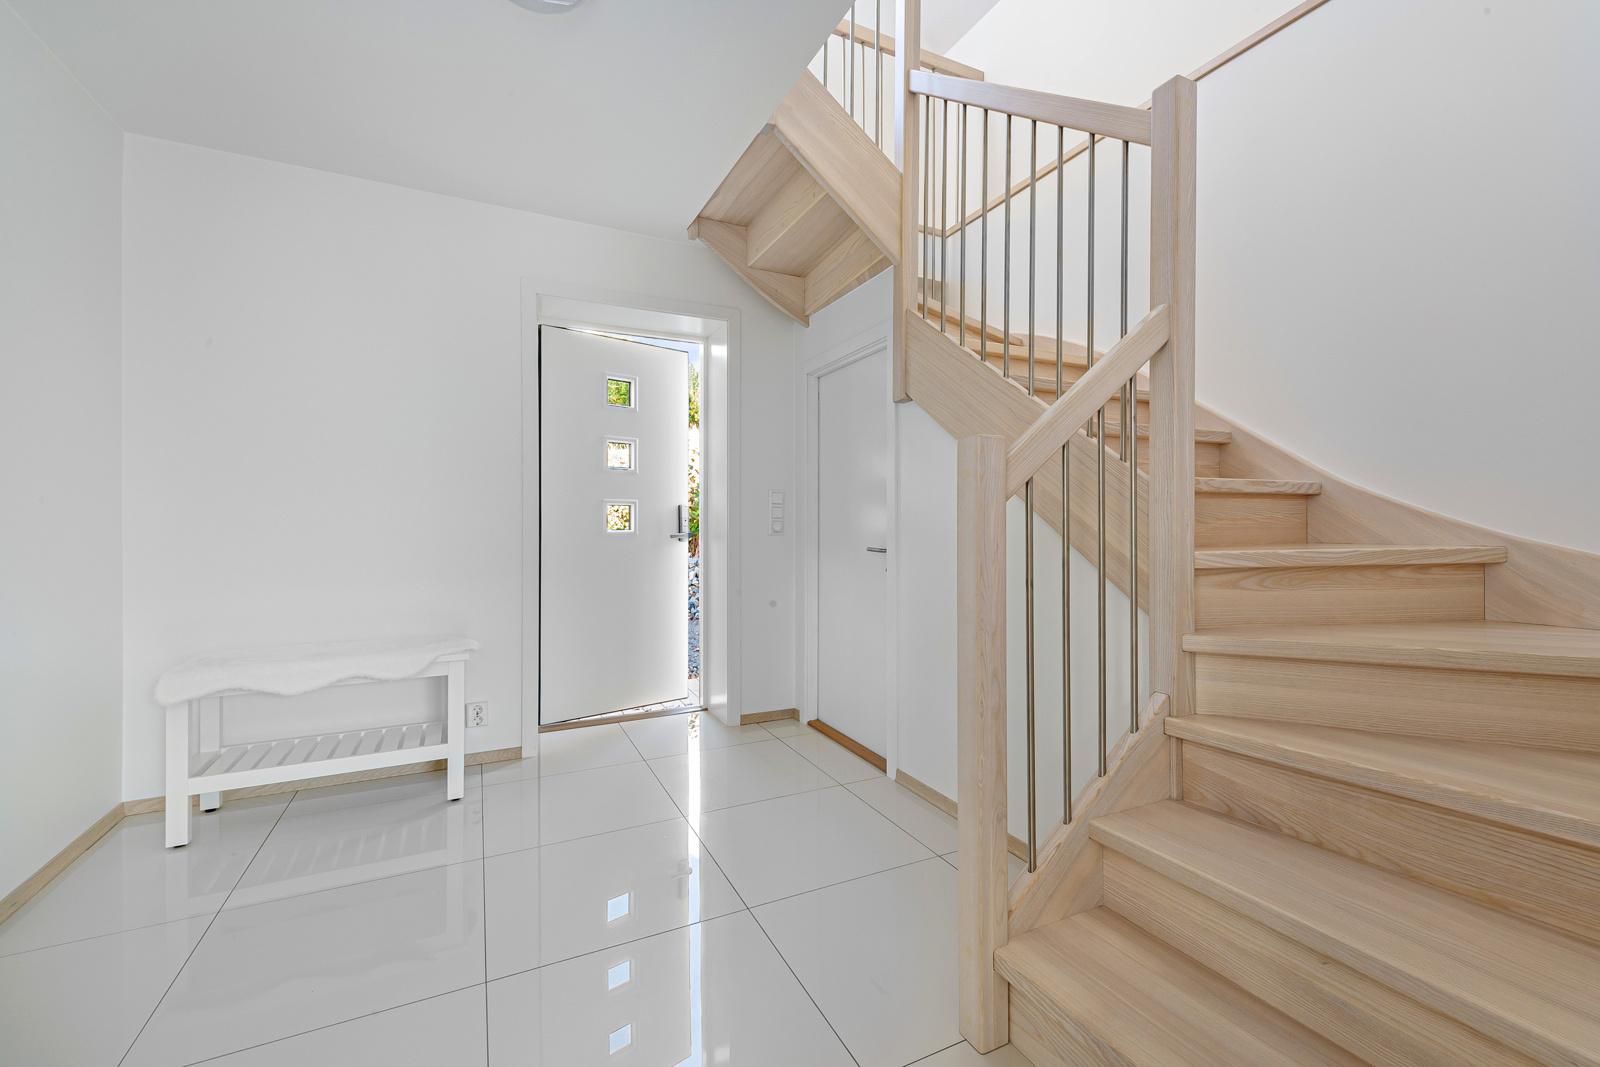 Flislagt gang/hall med varme i gulv og trapp opp til 2 etg samt dør med trapp ned til kjeller.